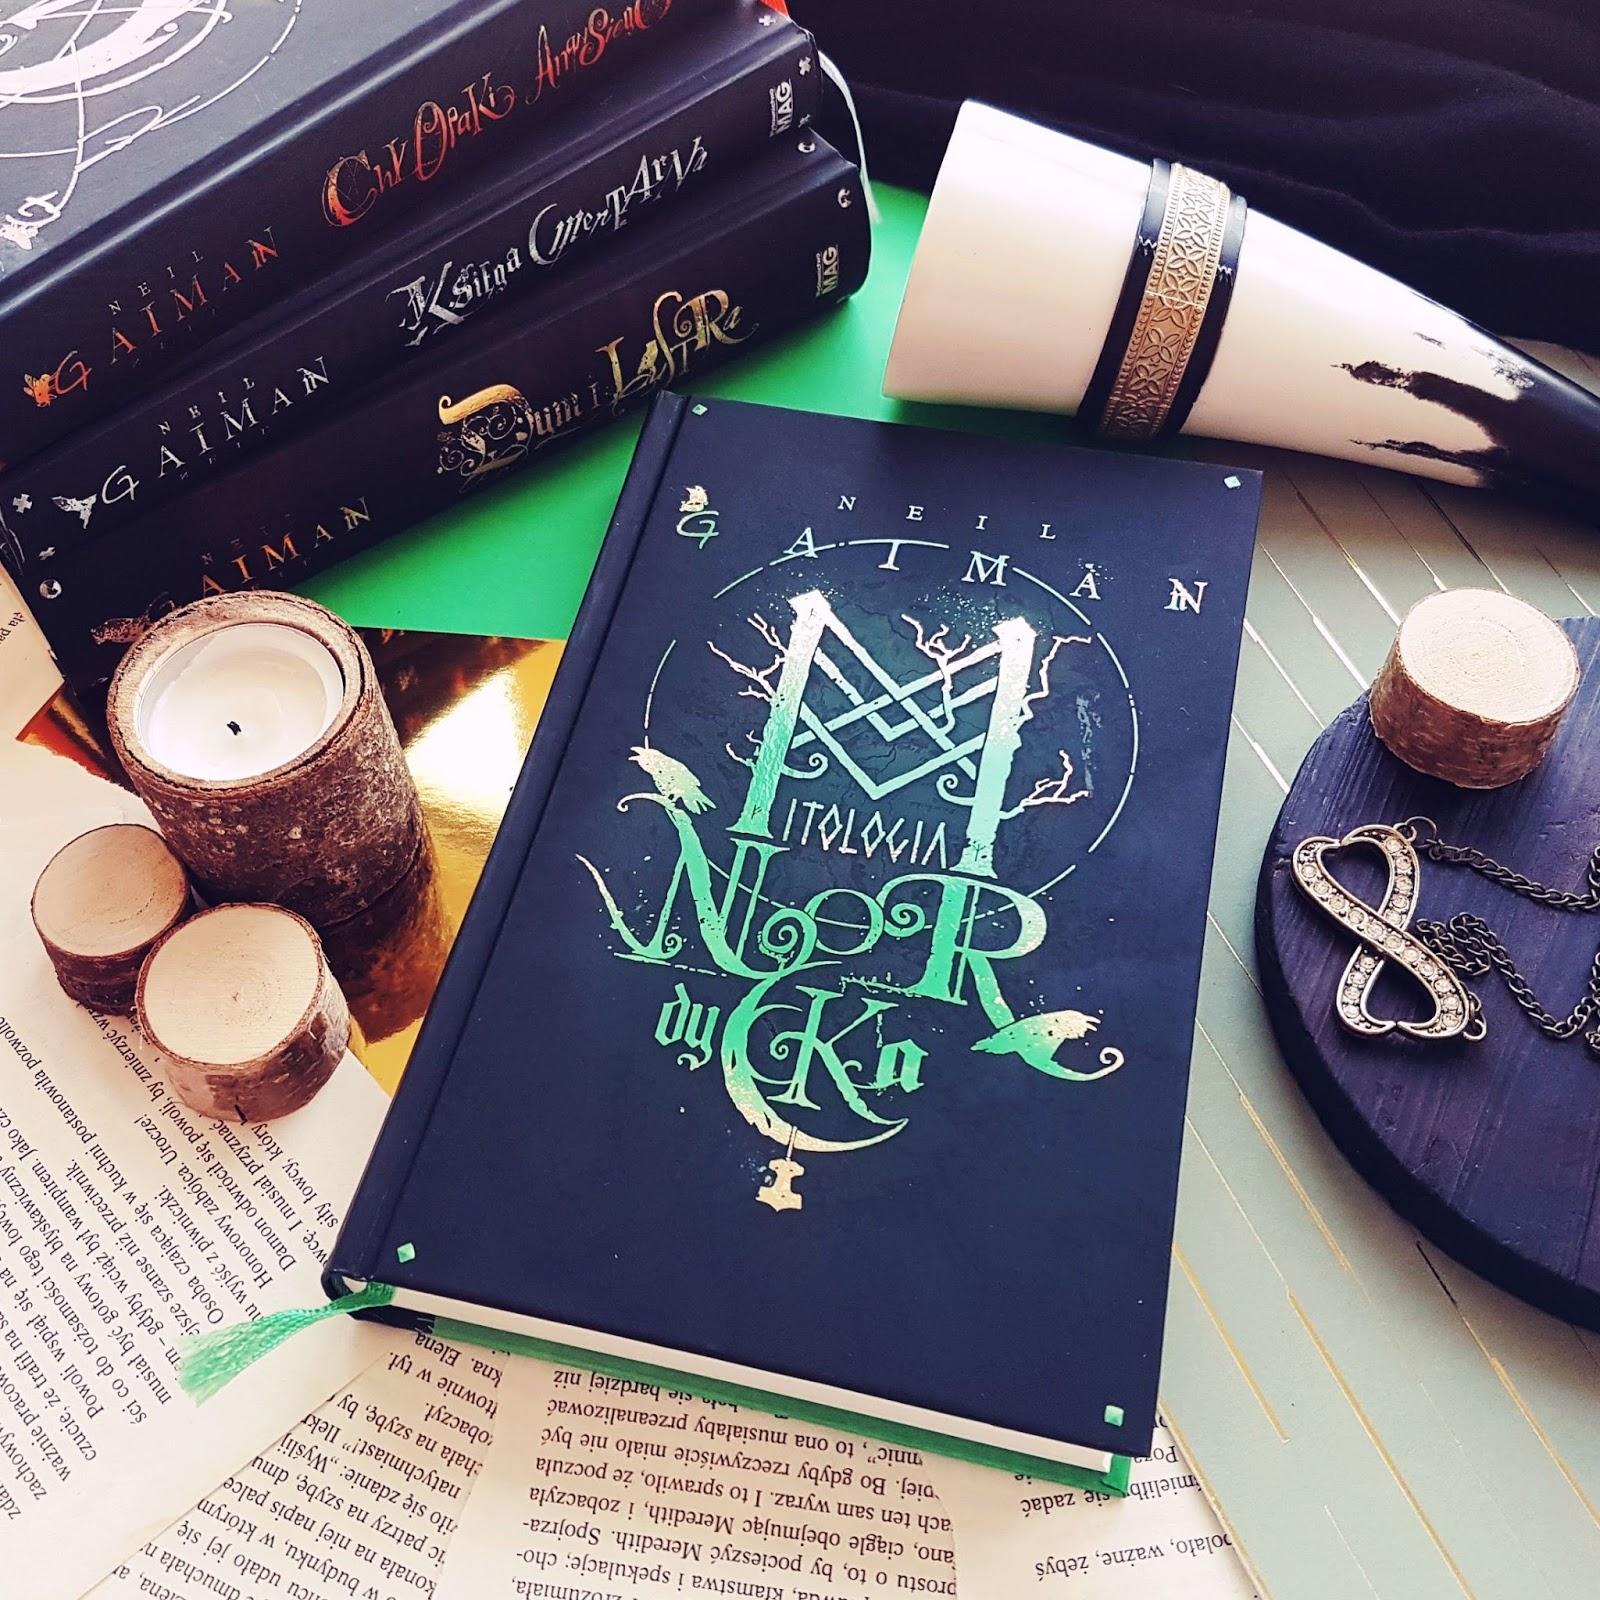 Mitologia nordycka - Neil Gaiman, ludzcy bogowie z Asgardu